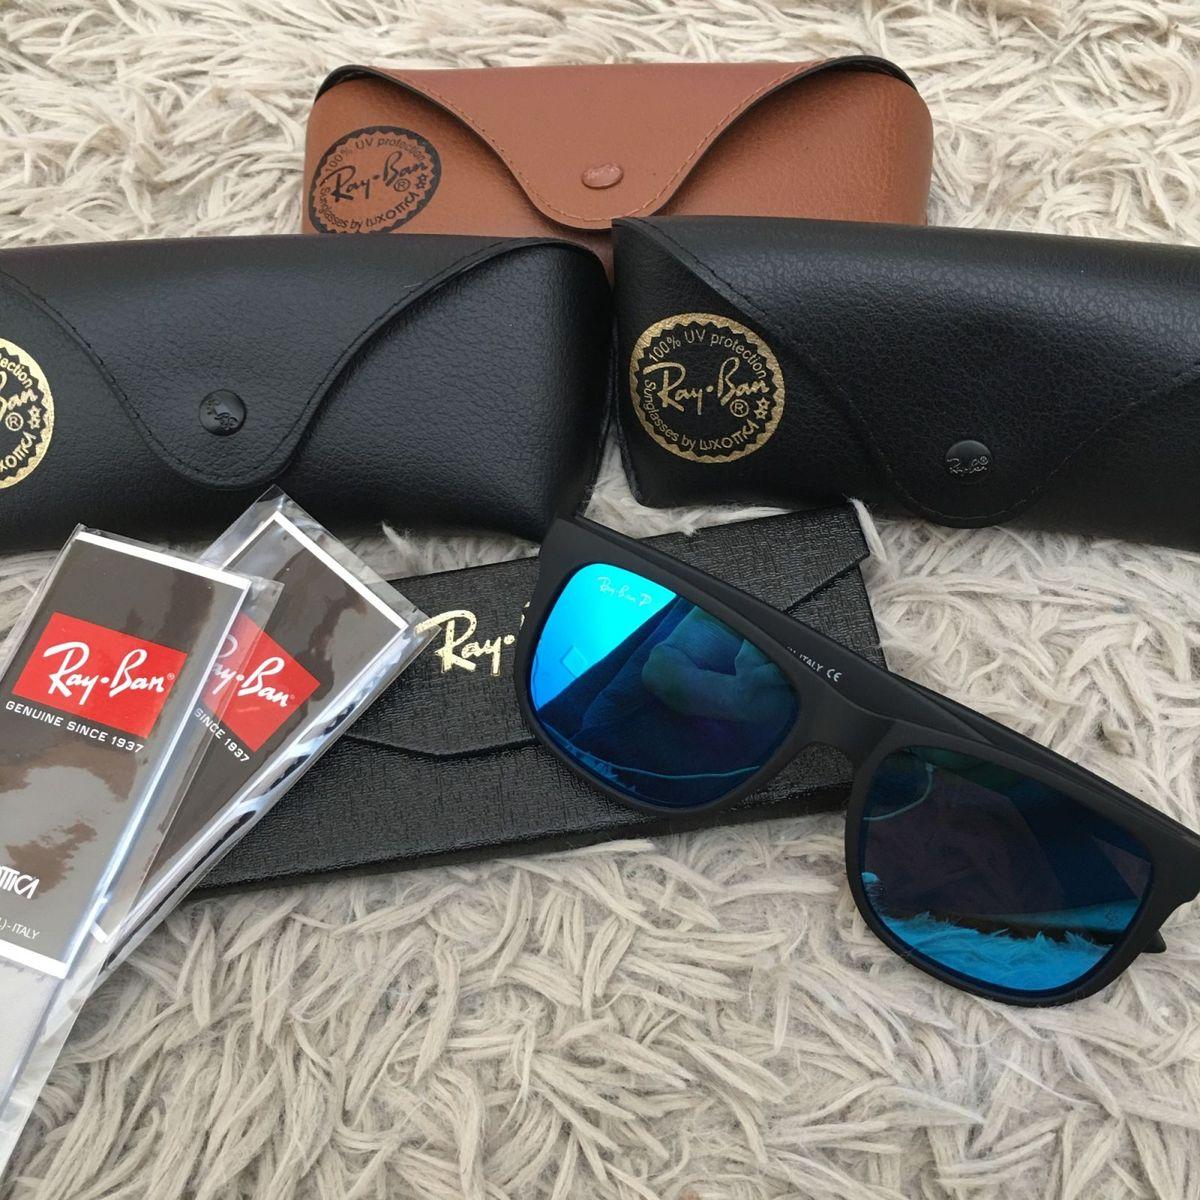 óculos de sol ray ban justin rb4165 masculino azul naval lente espelhada  proteção uva uvb - 0c1b5da8ce